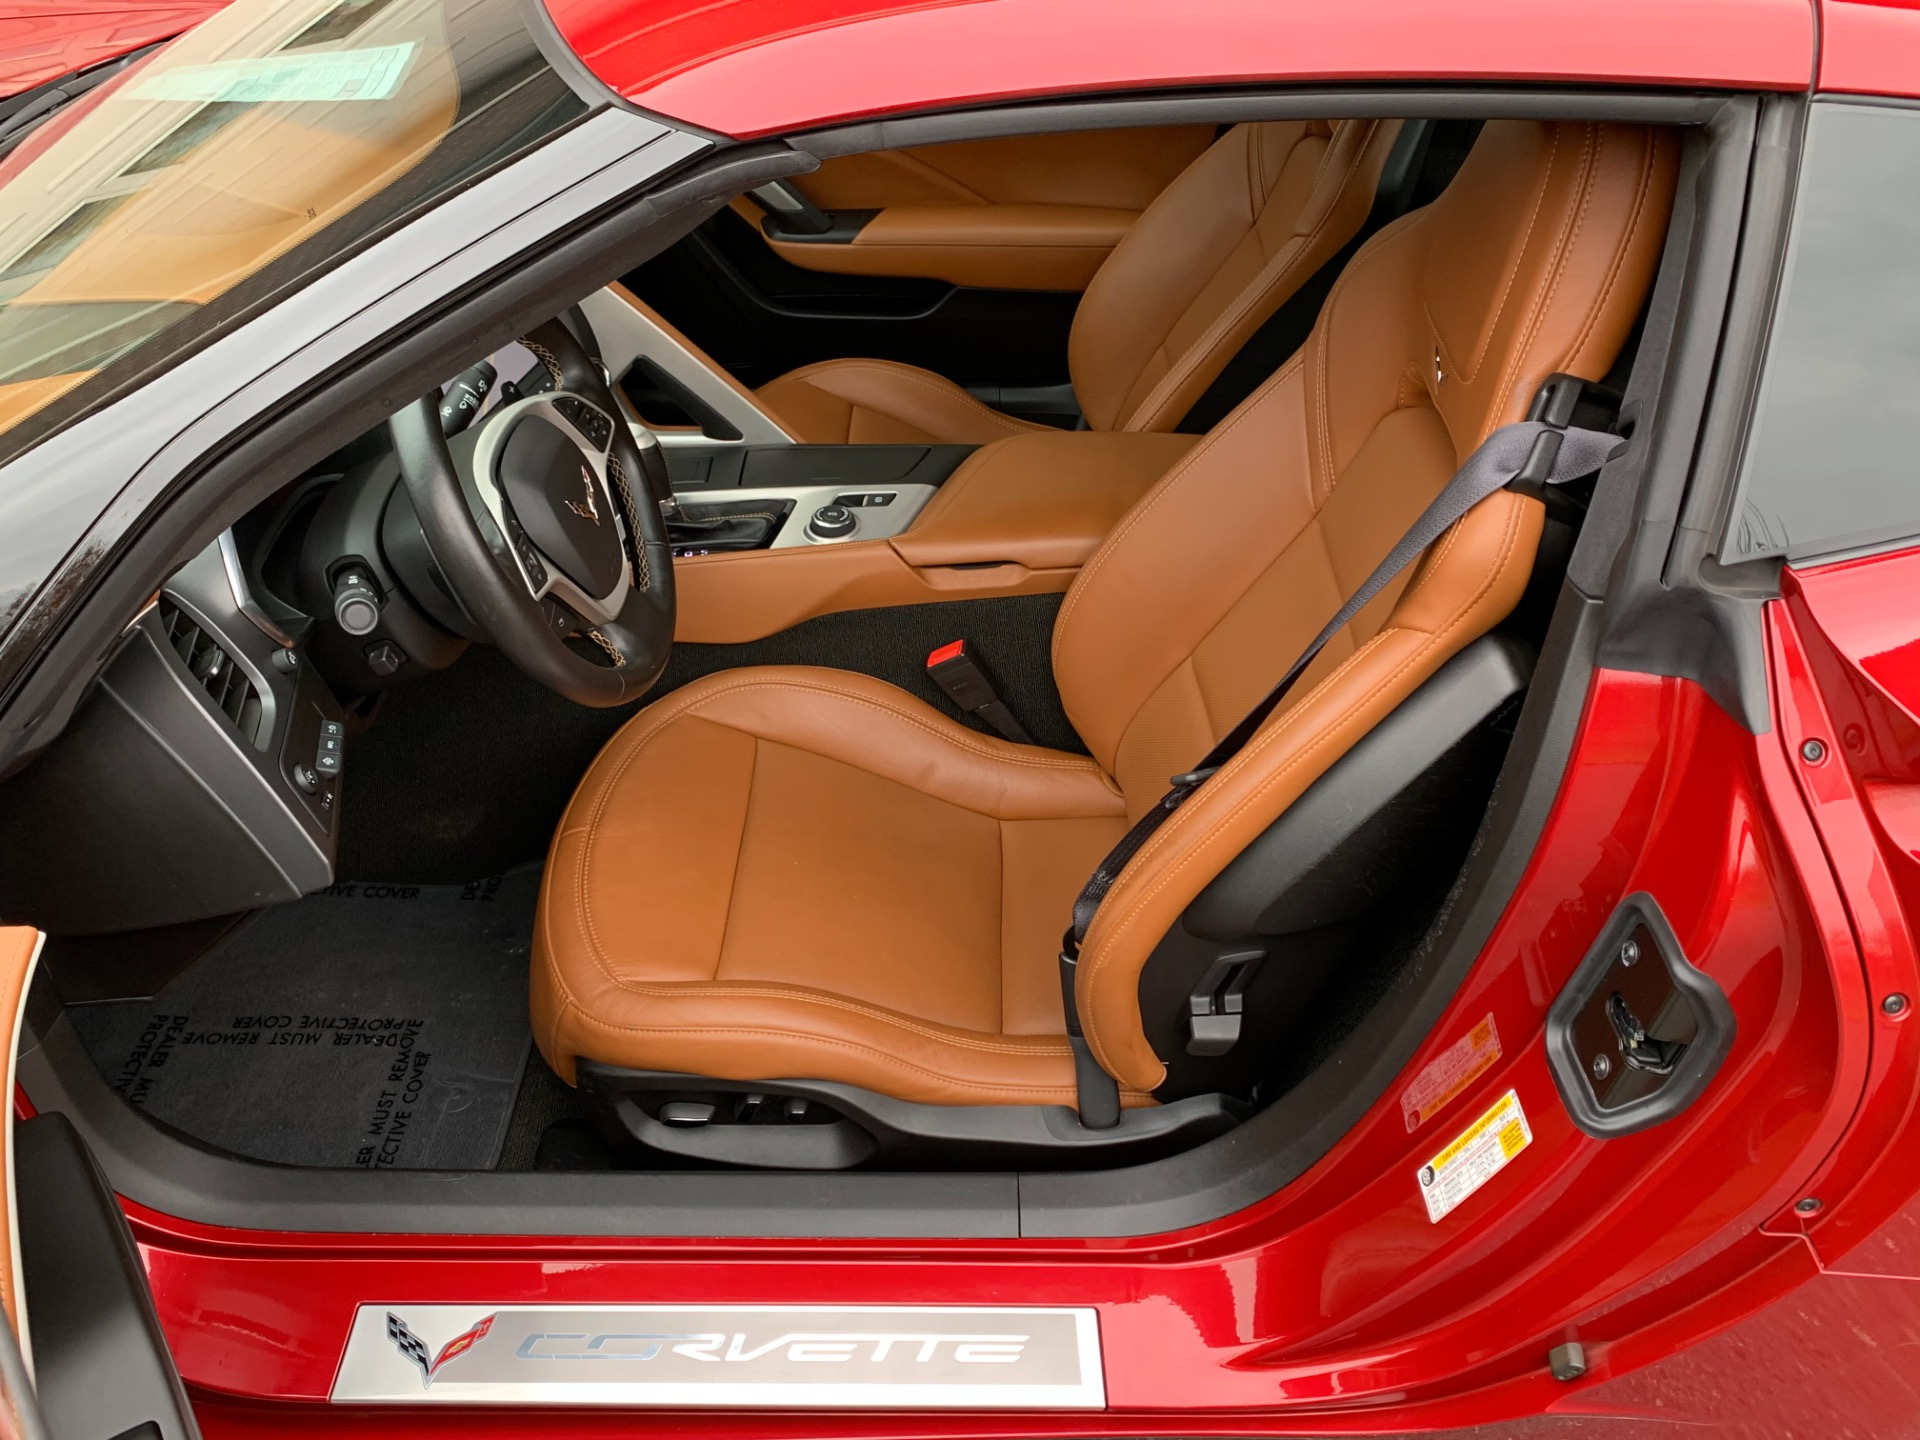 Used-2014-Chevrolet-Corvette-Stingray-Z51-3LT